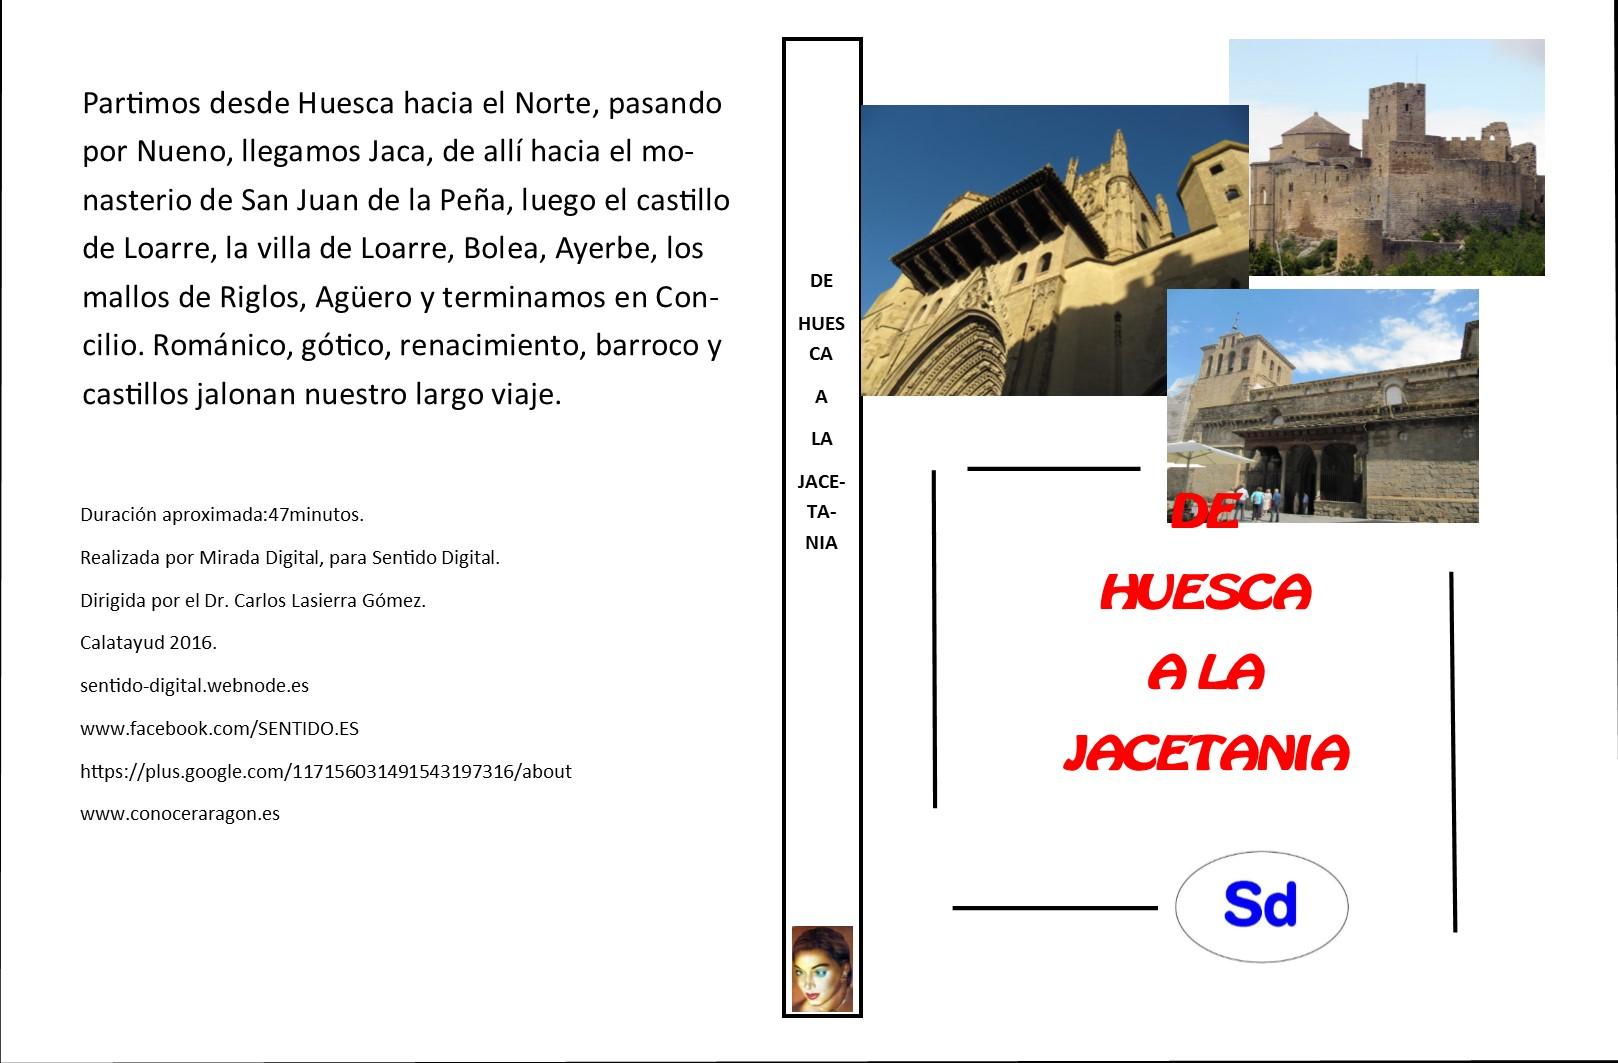 De Huesca a la Jacetania